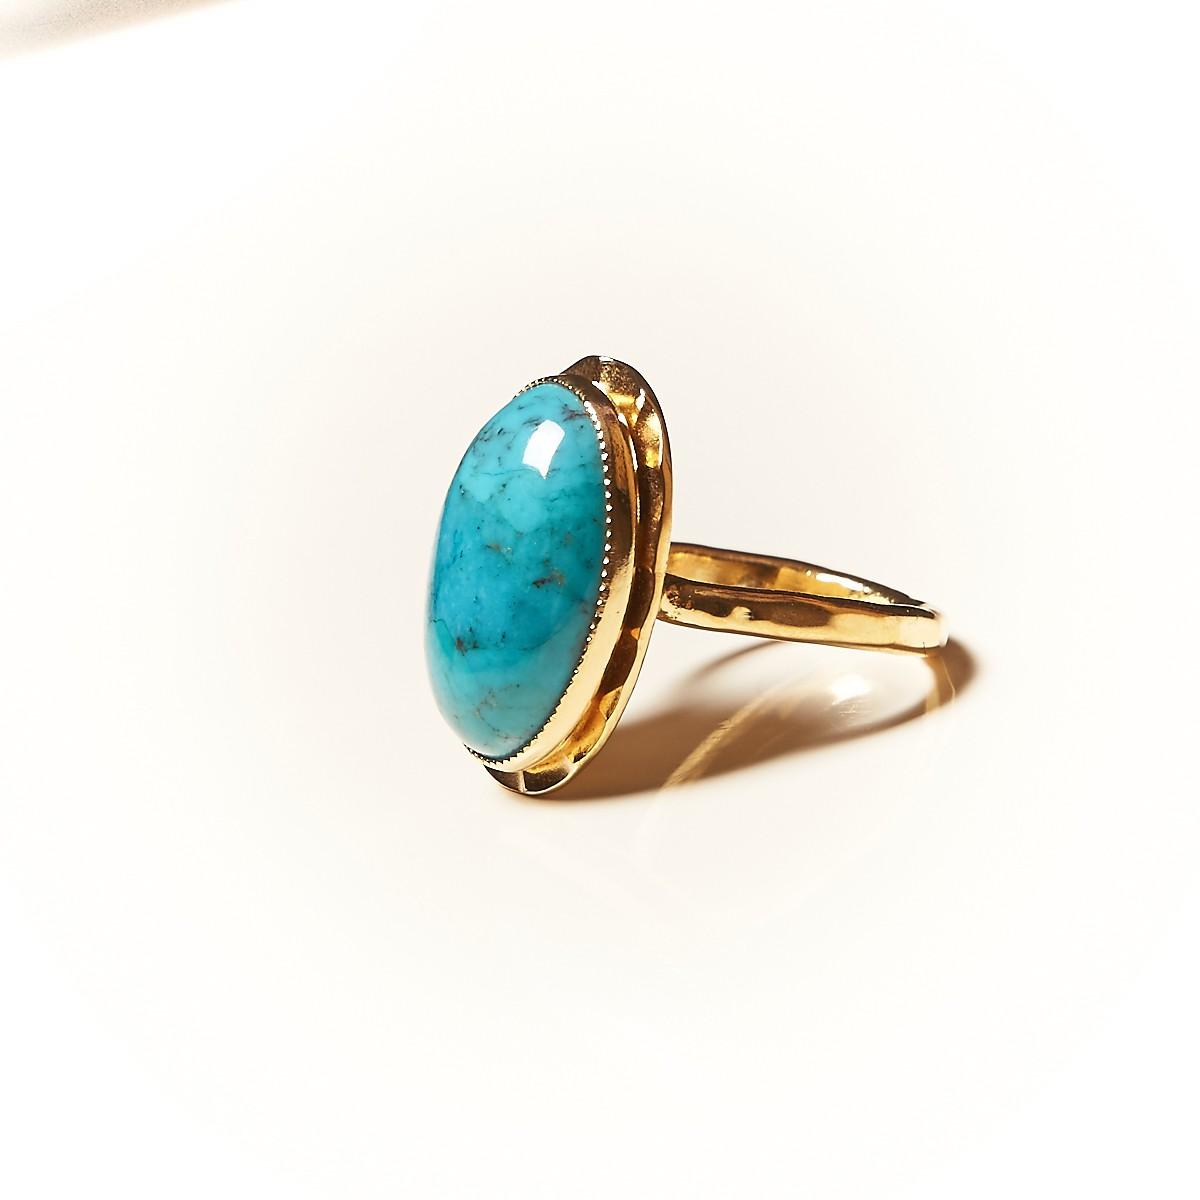 2210431fad50c2 Bague plaqué or avec turquoise 9 - Goupil bijoux d'art